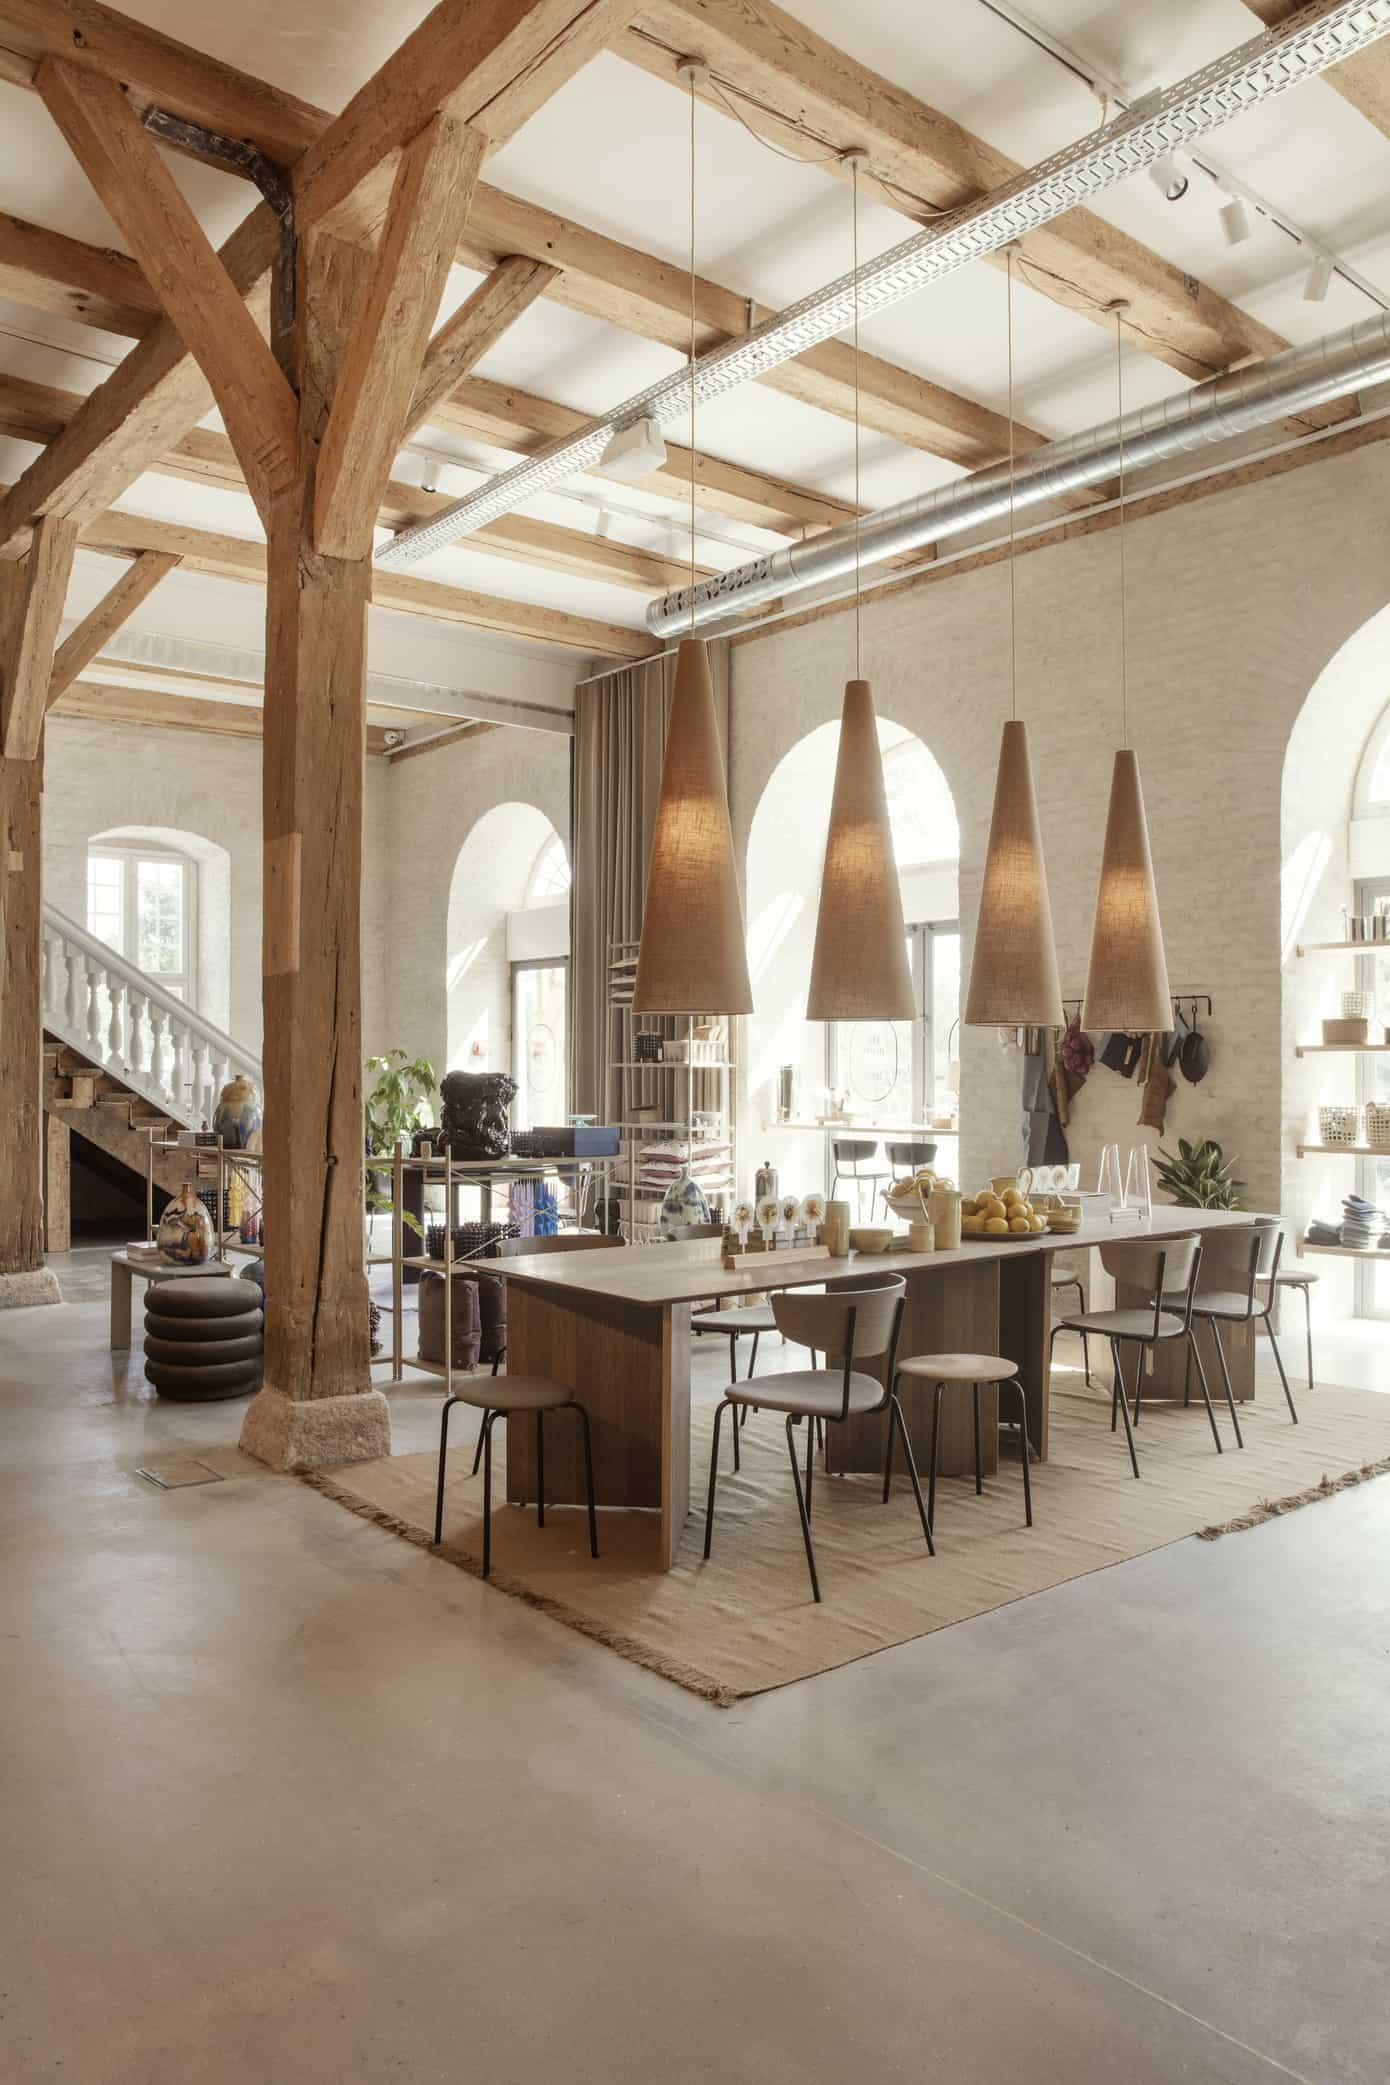 The Home par Ferm Living décoration scandinave blog déco lifestyle Lili in Wonderland